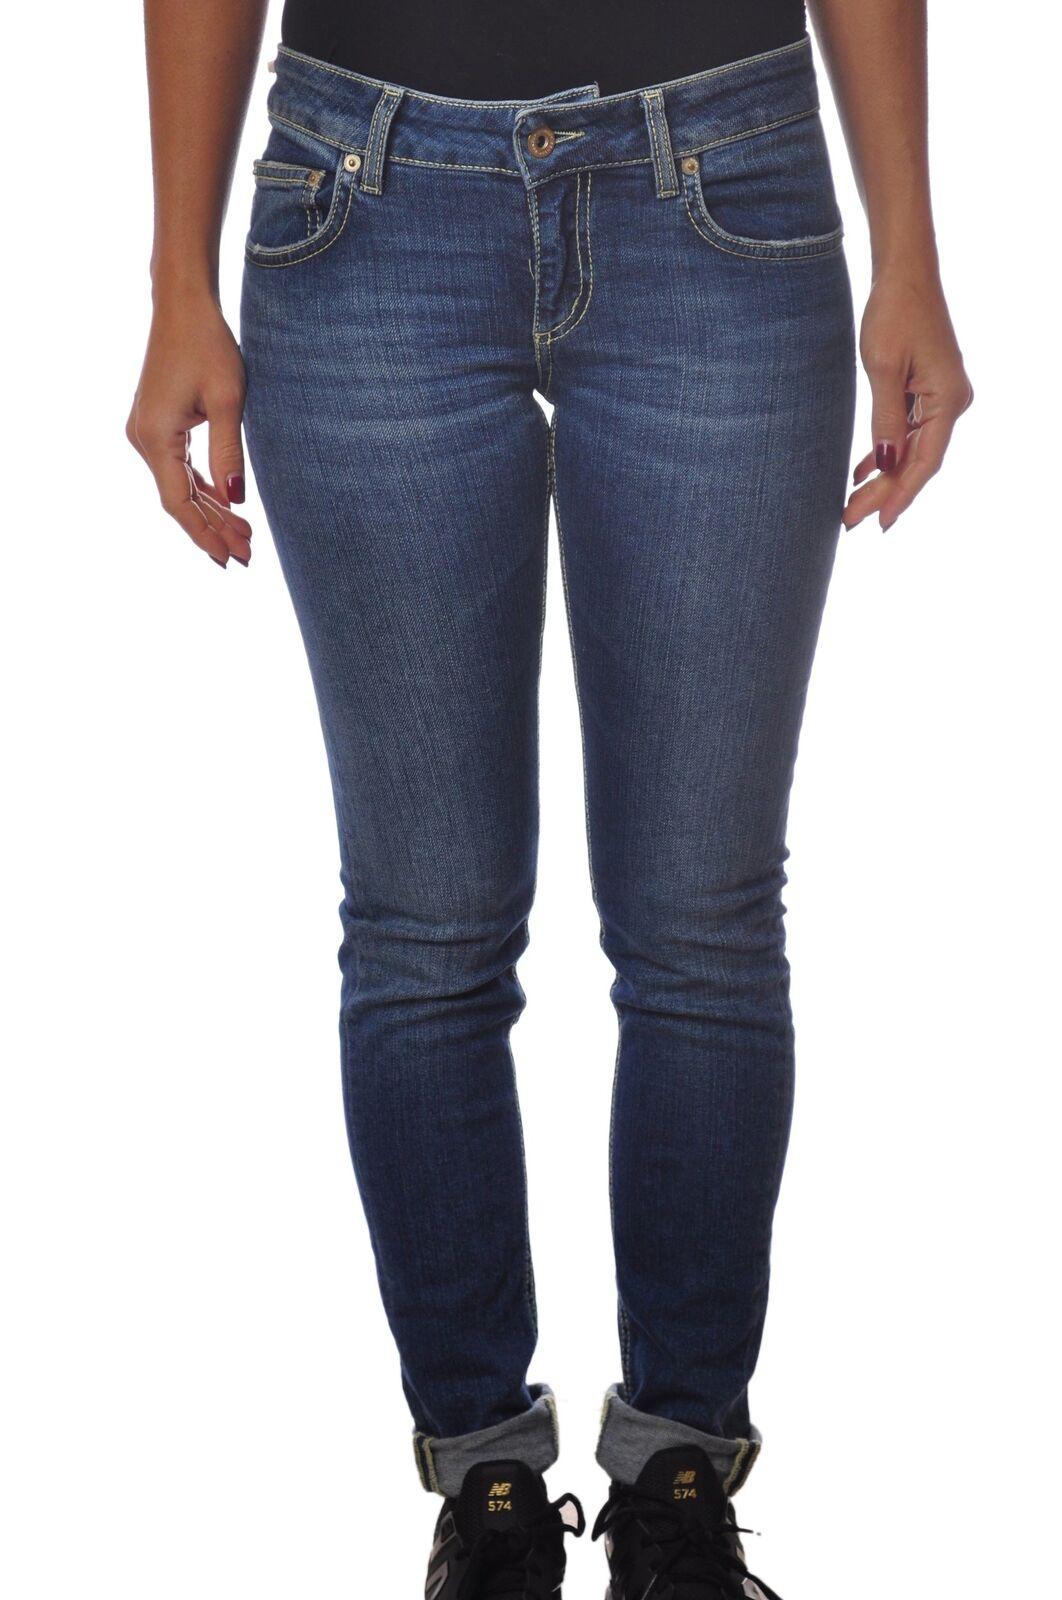 Dondup - Jeans-Hose, slim fit - Frau - Denim - 4493210C191240